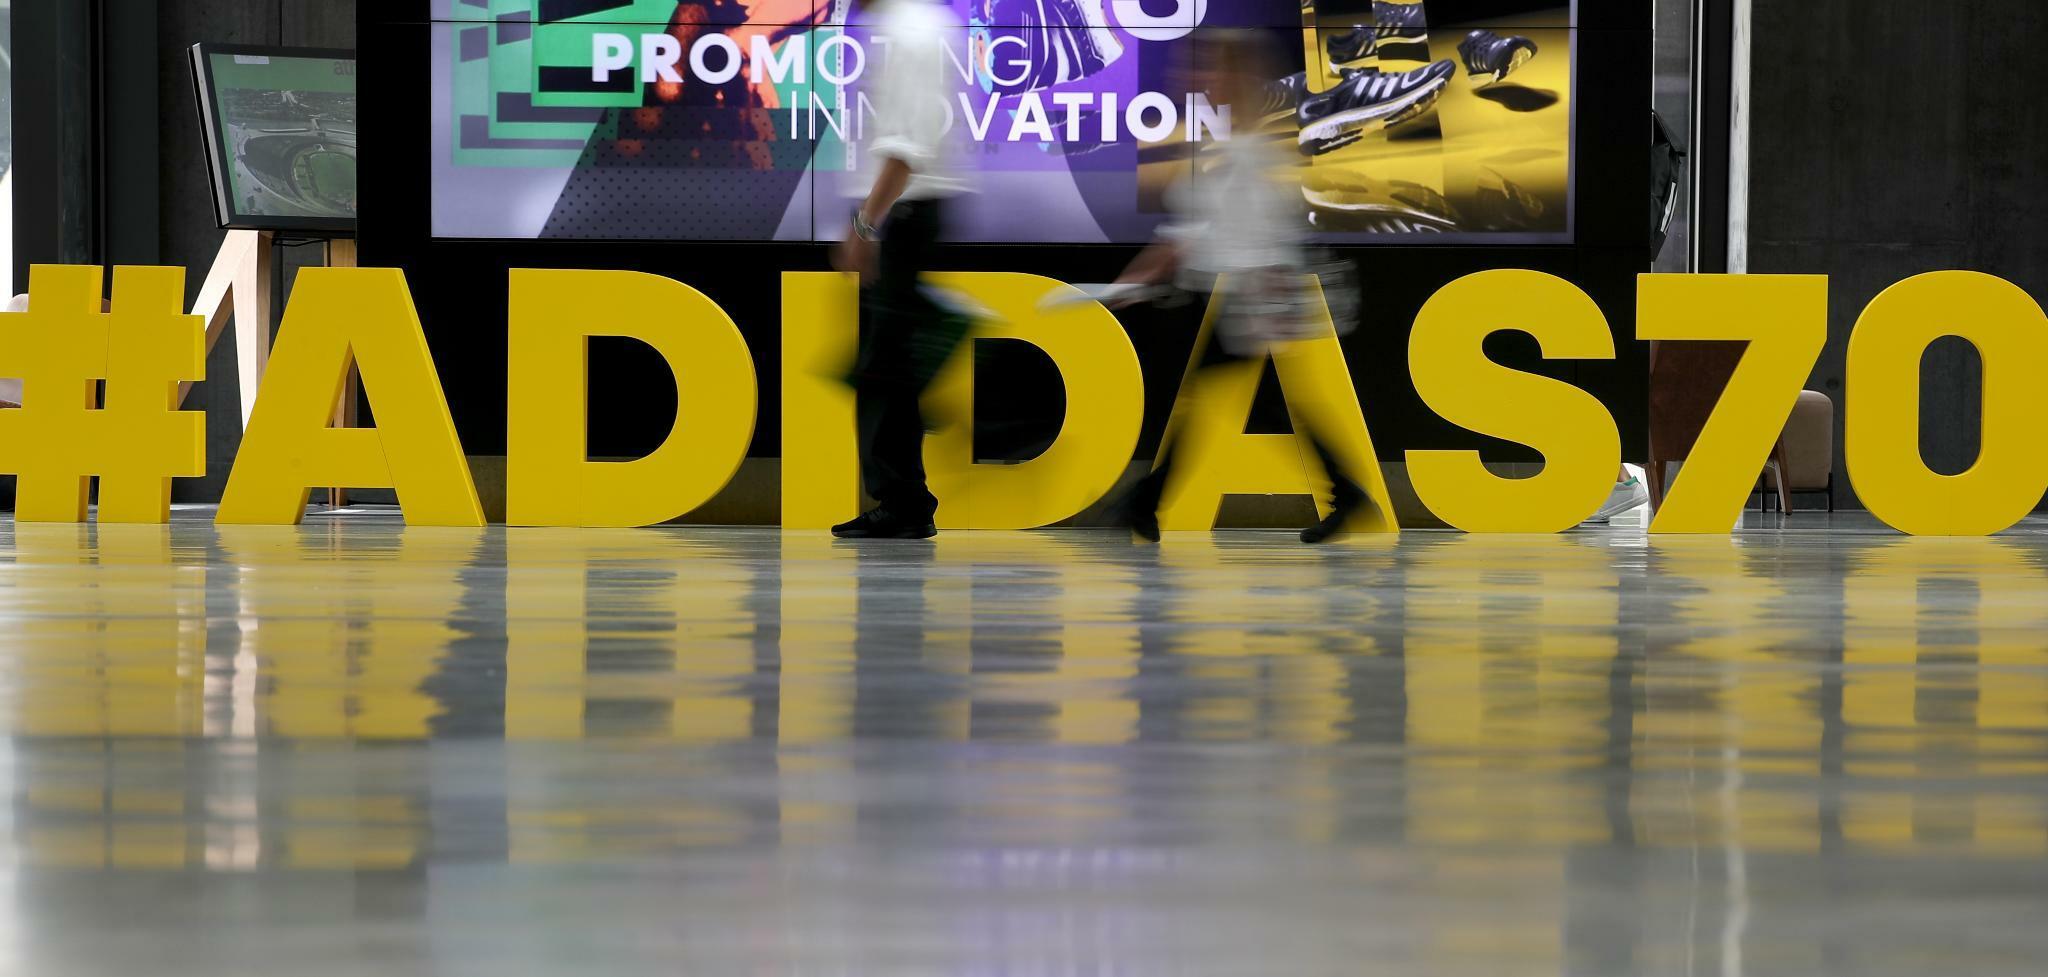 Adidas feiert 70. Geburtstag mit Philipp Lahm und Laura Dahlmeier